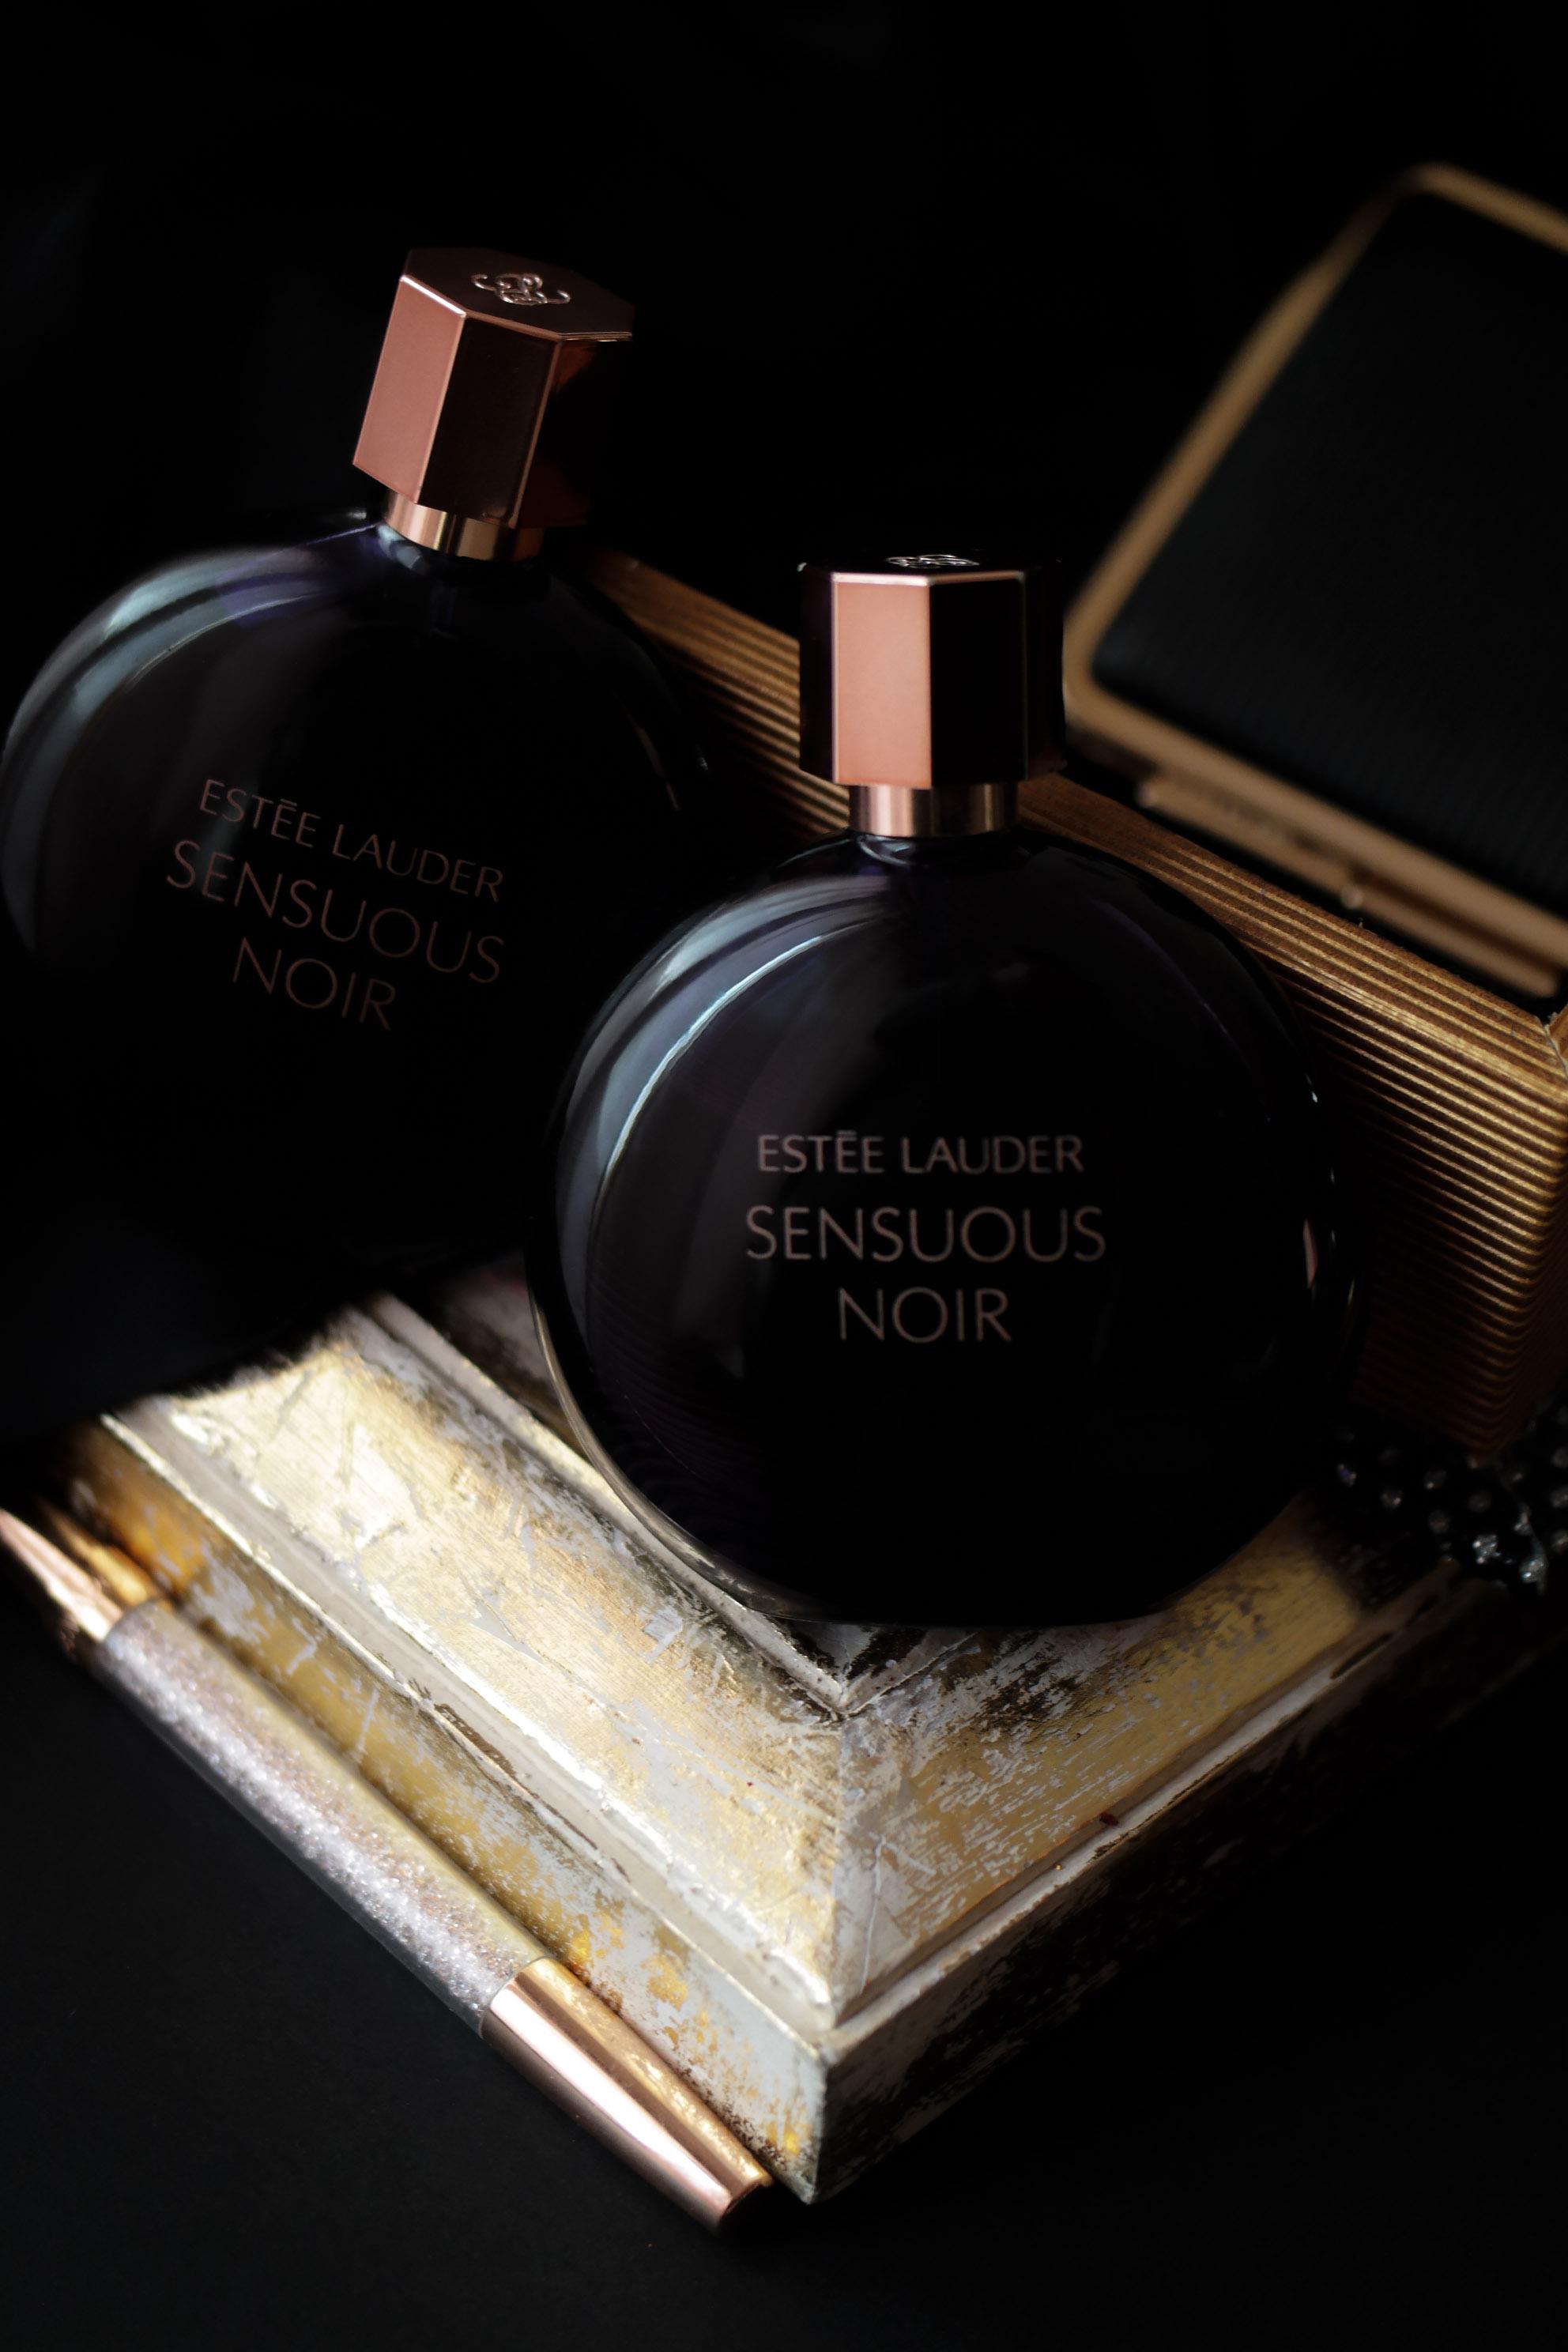 Estee Lauder Sensuous Noir